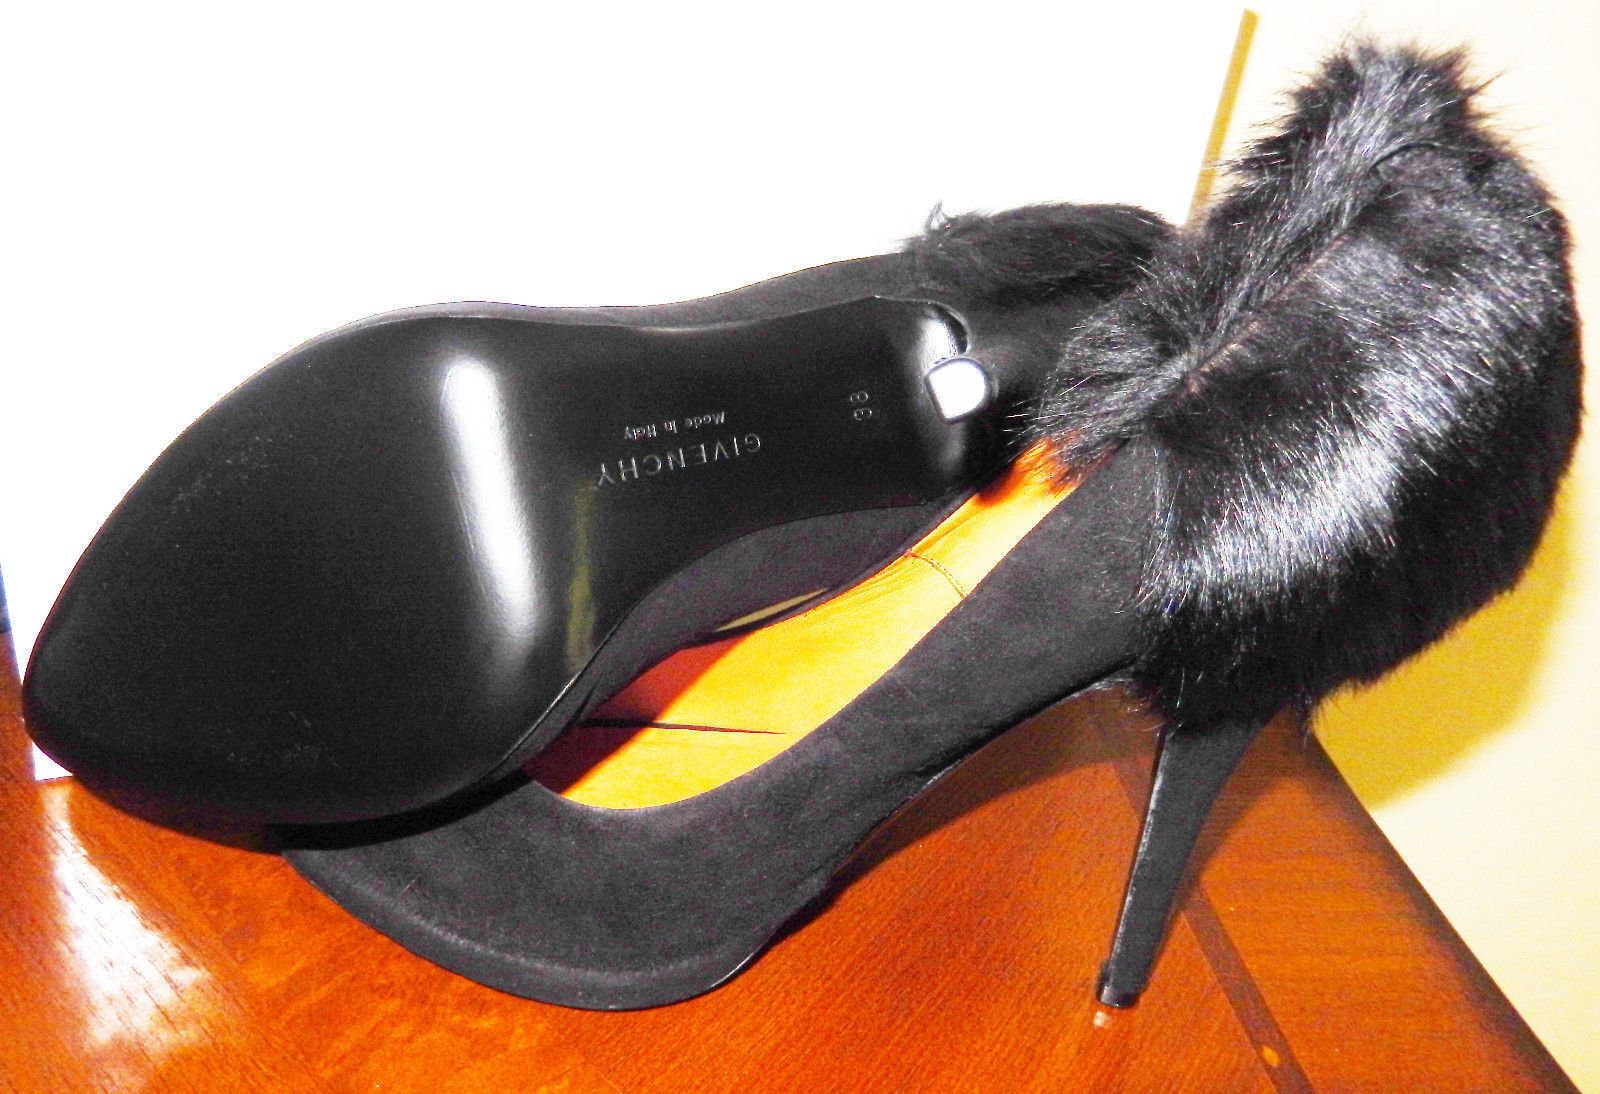 1,275 GIVENCHY Escarpins en daim noir & & & en fausse fourrure de vison Couleuris 7 US 38 Made in  New in Box a1b8c0